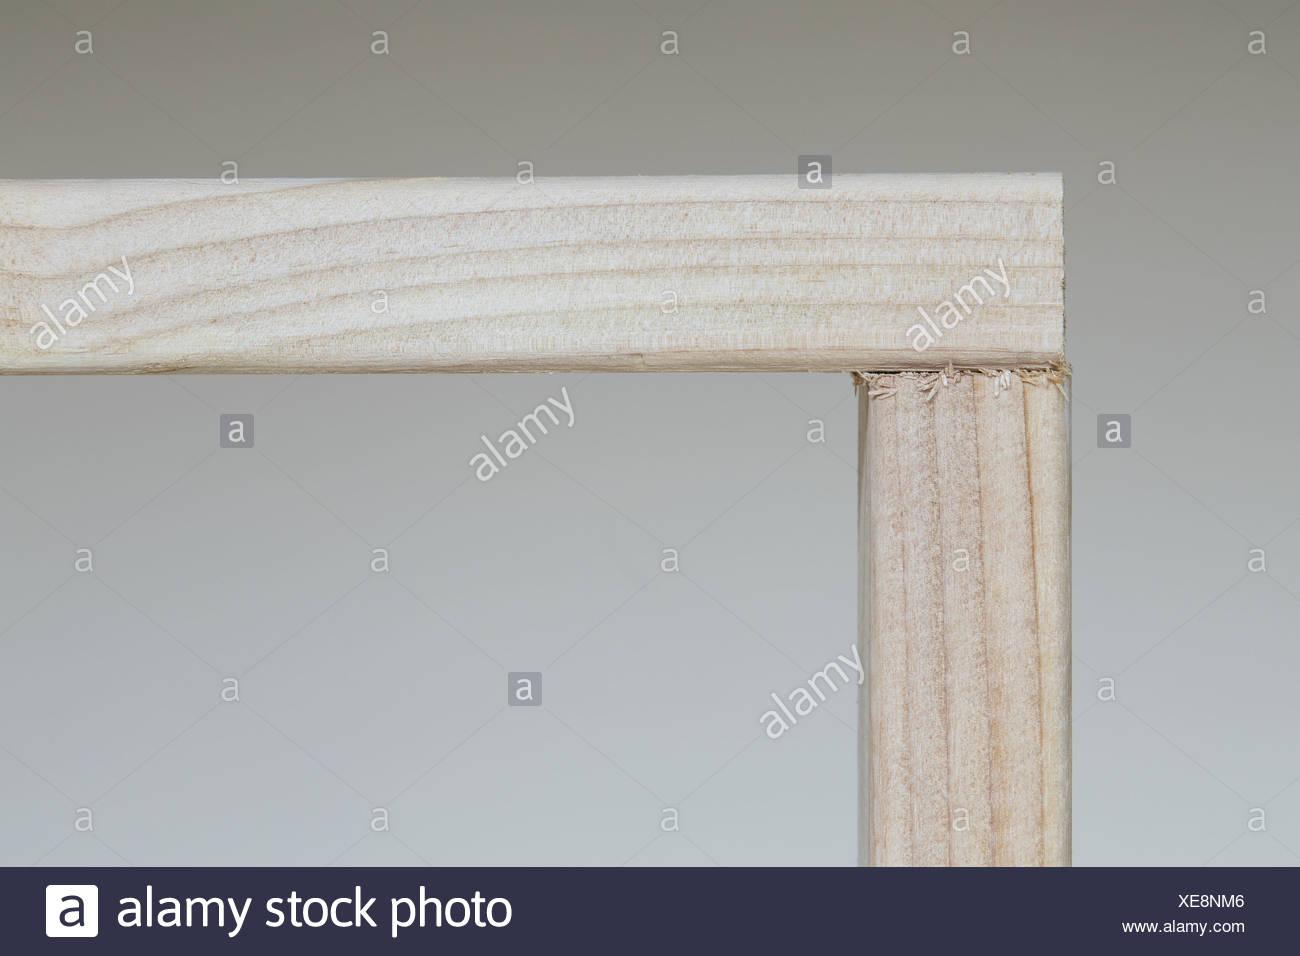 El estado de Washington, EE.UU. el abeto montantes de madera de 2x4 en ángulo recto Foto de stock